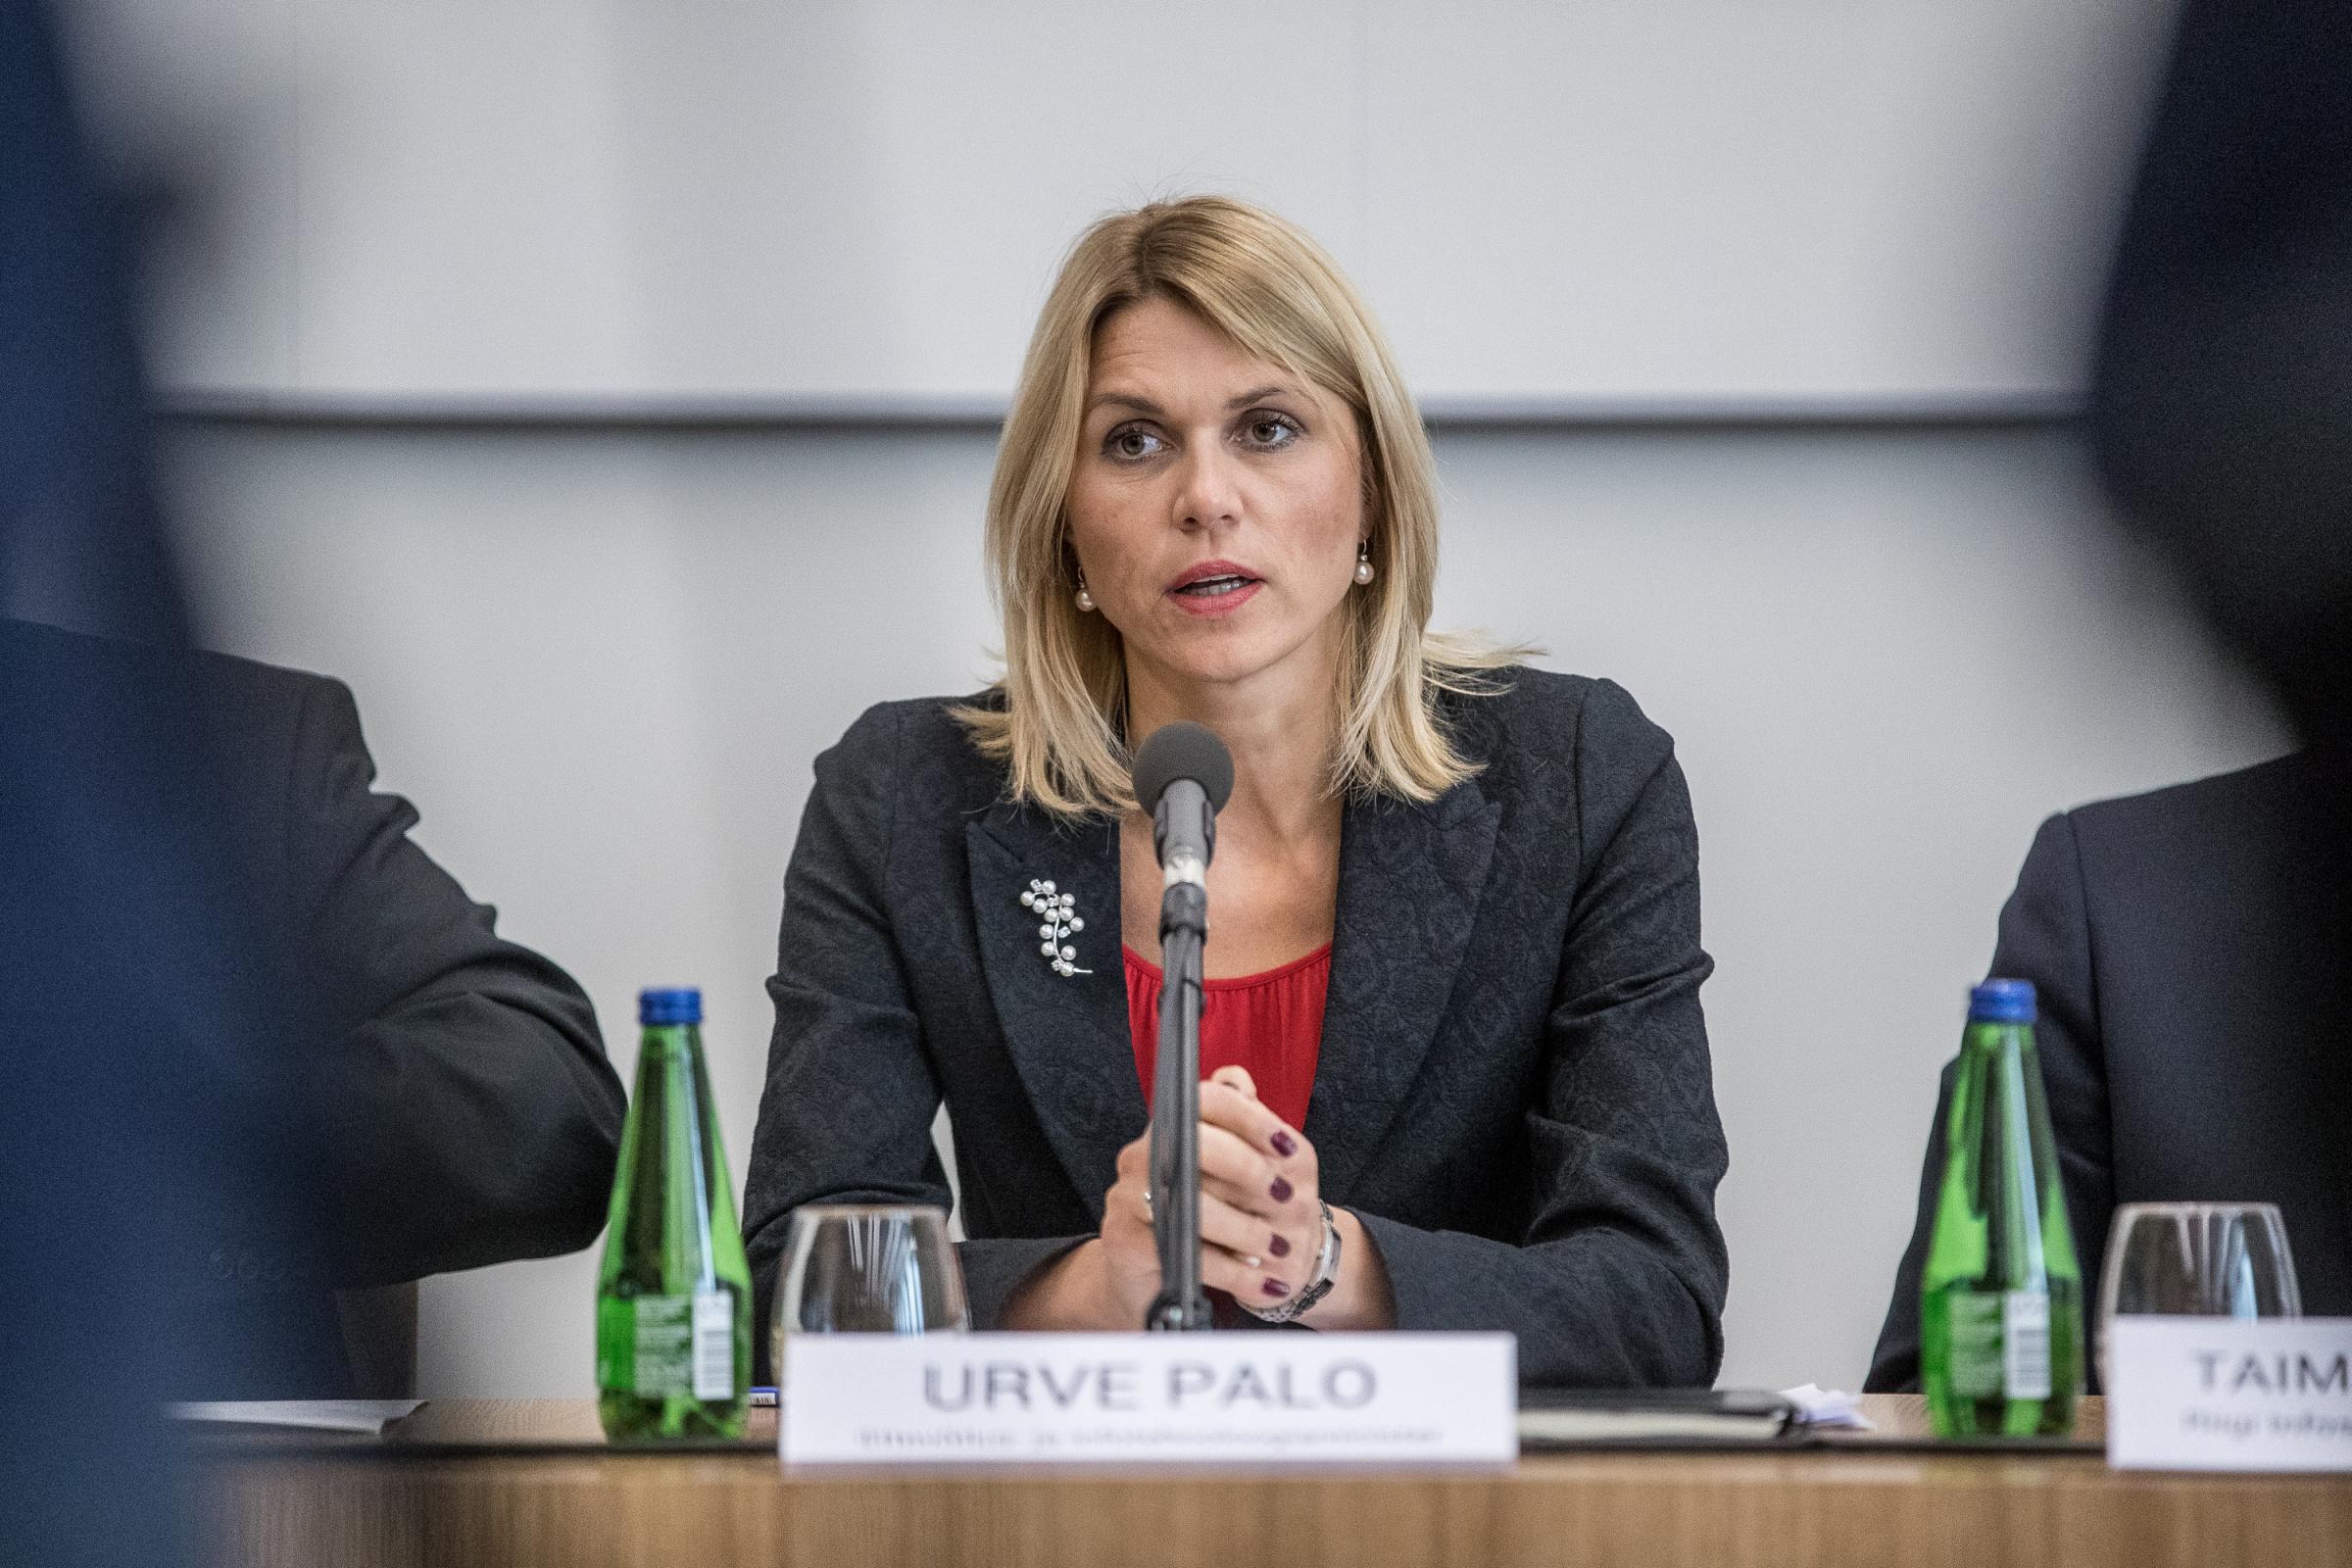 Ettevõtlus- ja infotehnoloogiaminister URVE PALO. FOTO: SANDER ILVEST/POSTIMEES/Scanpix